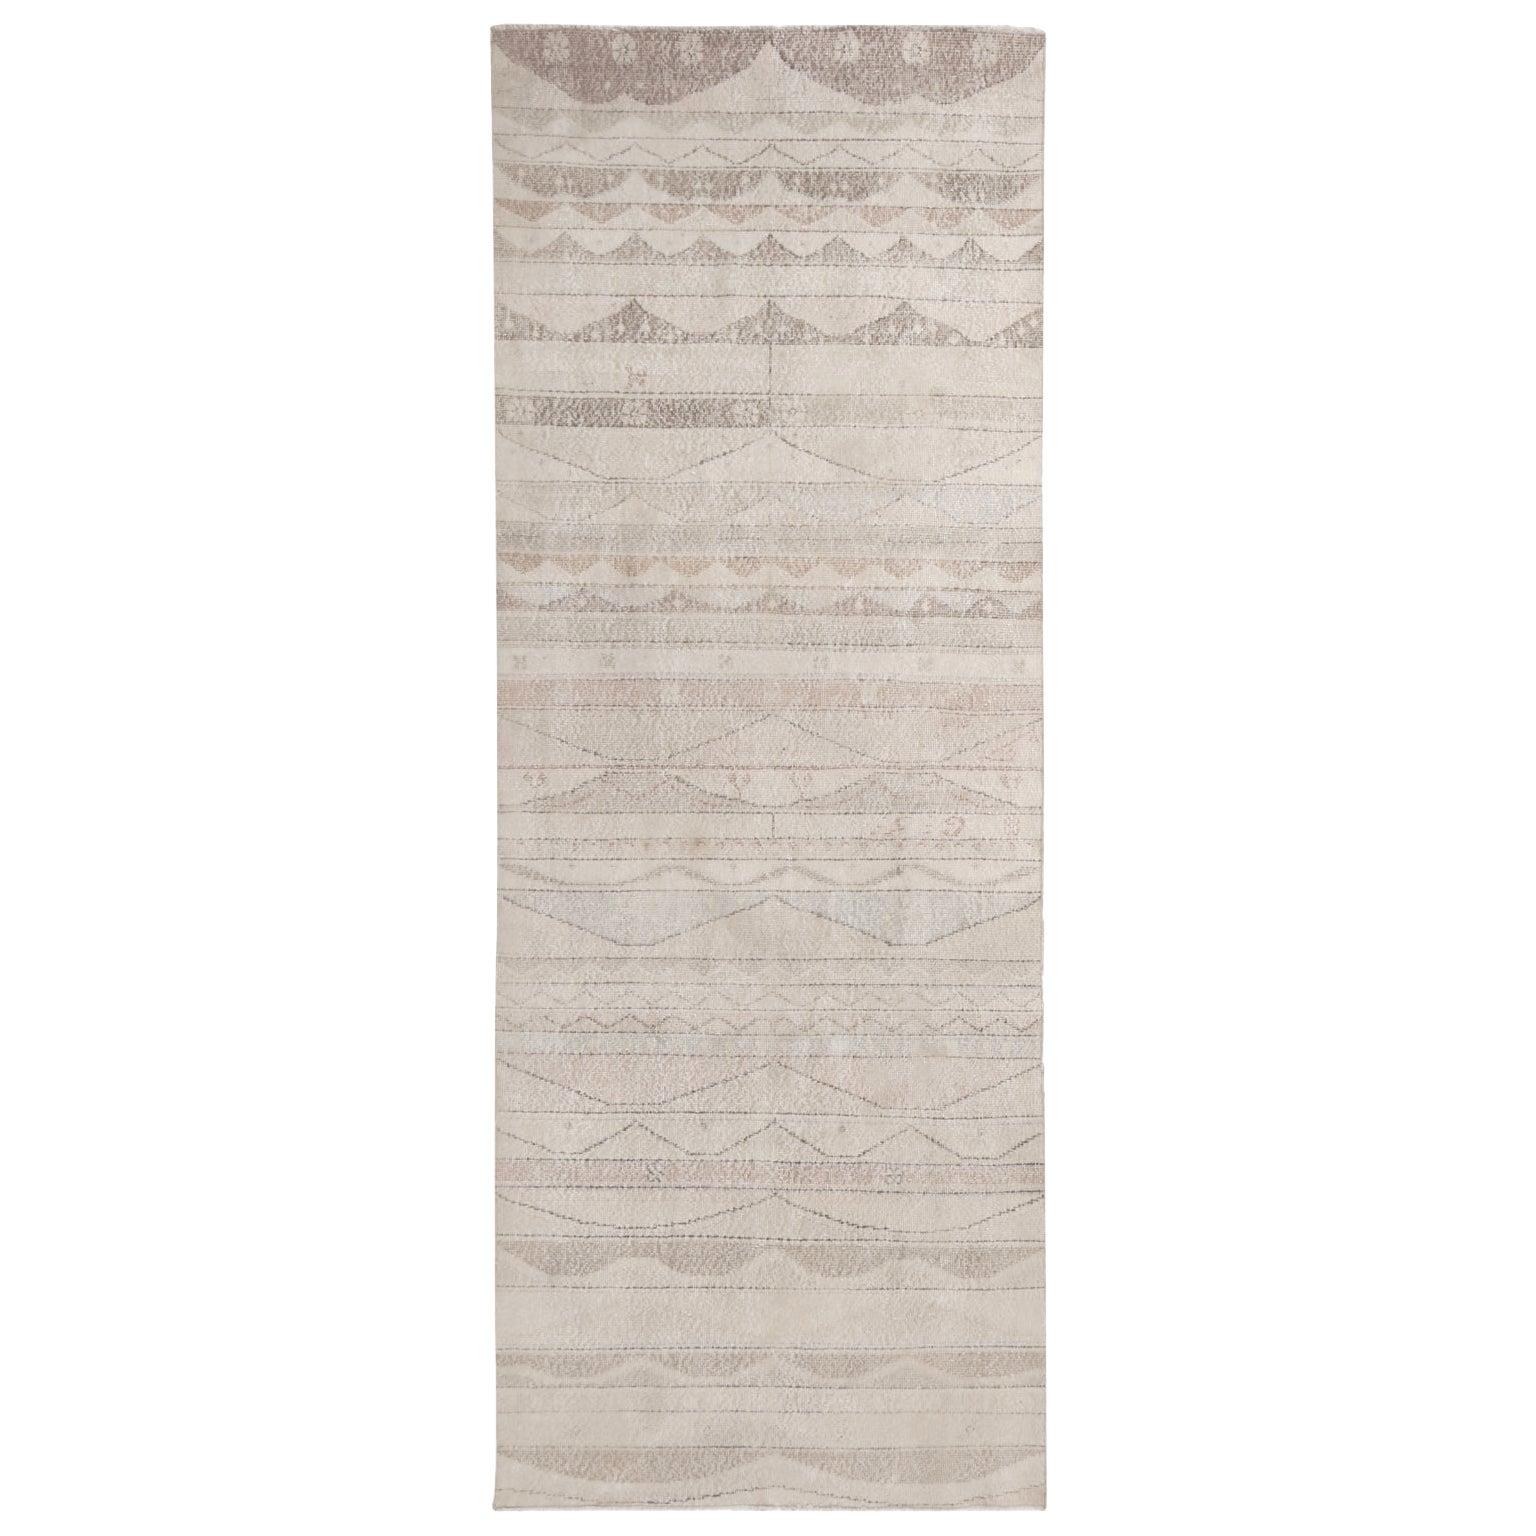 Vintage Geometric Beige and Pastel Wool Rug